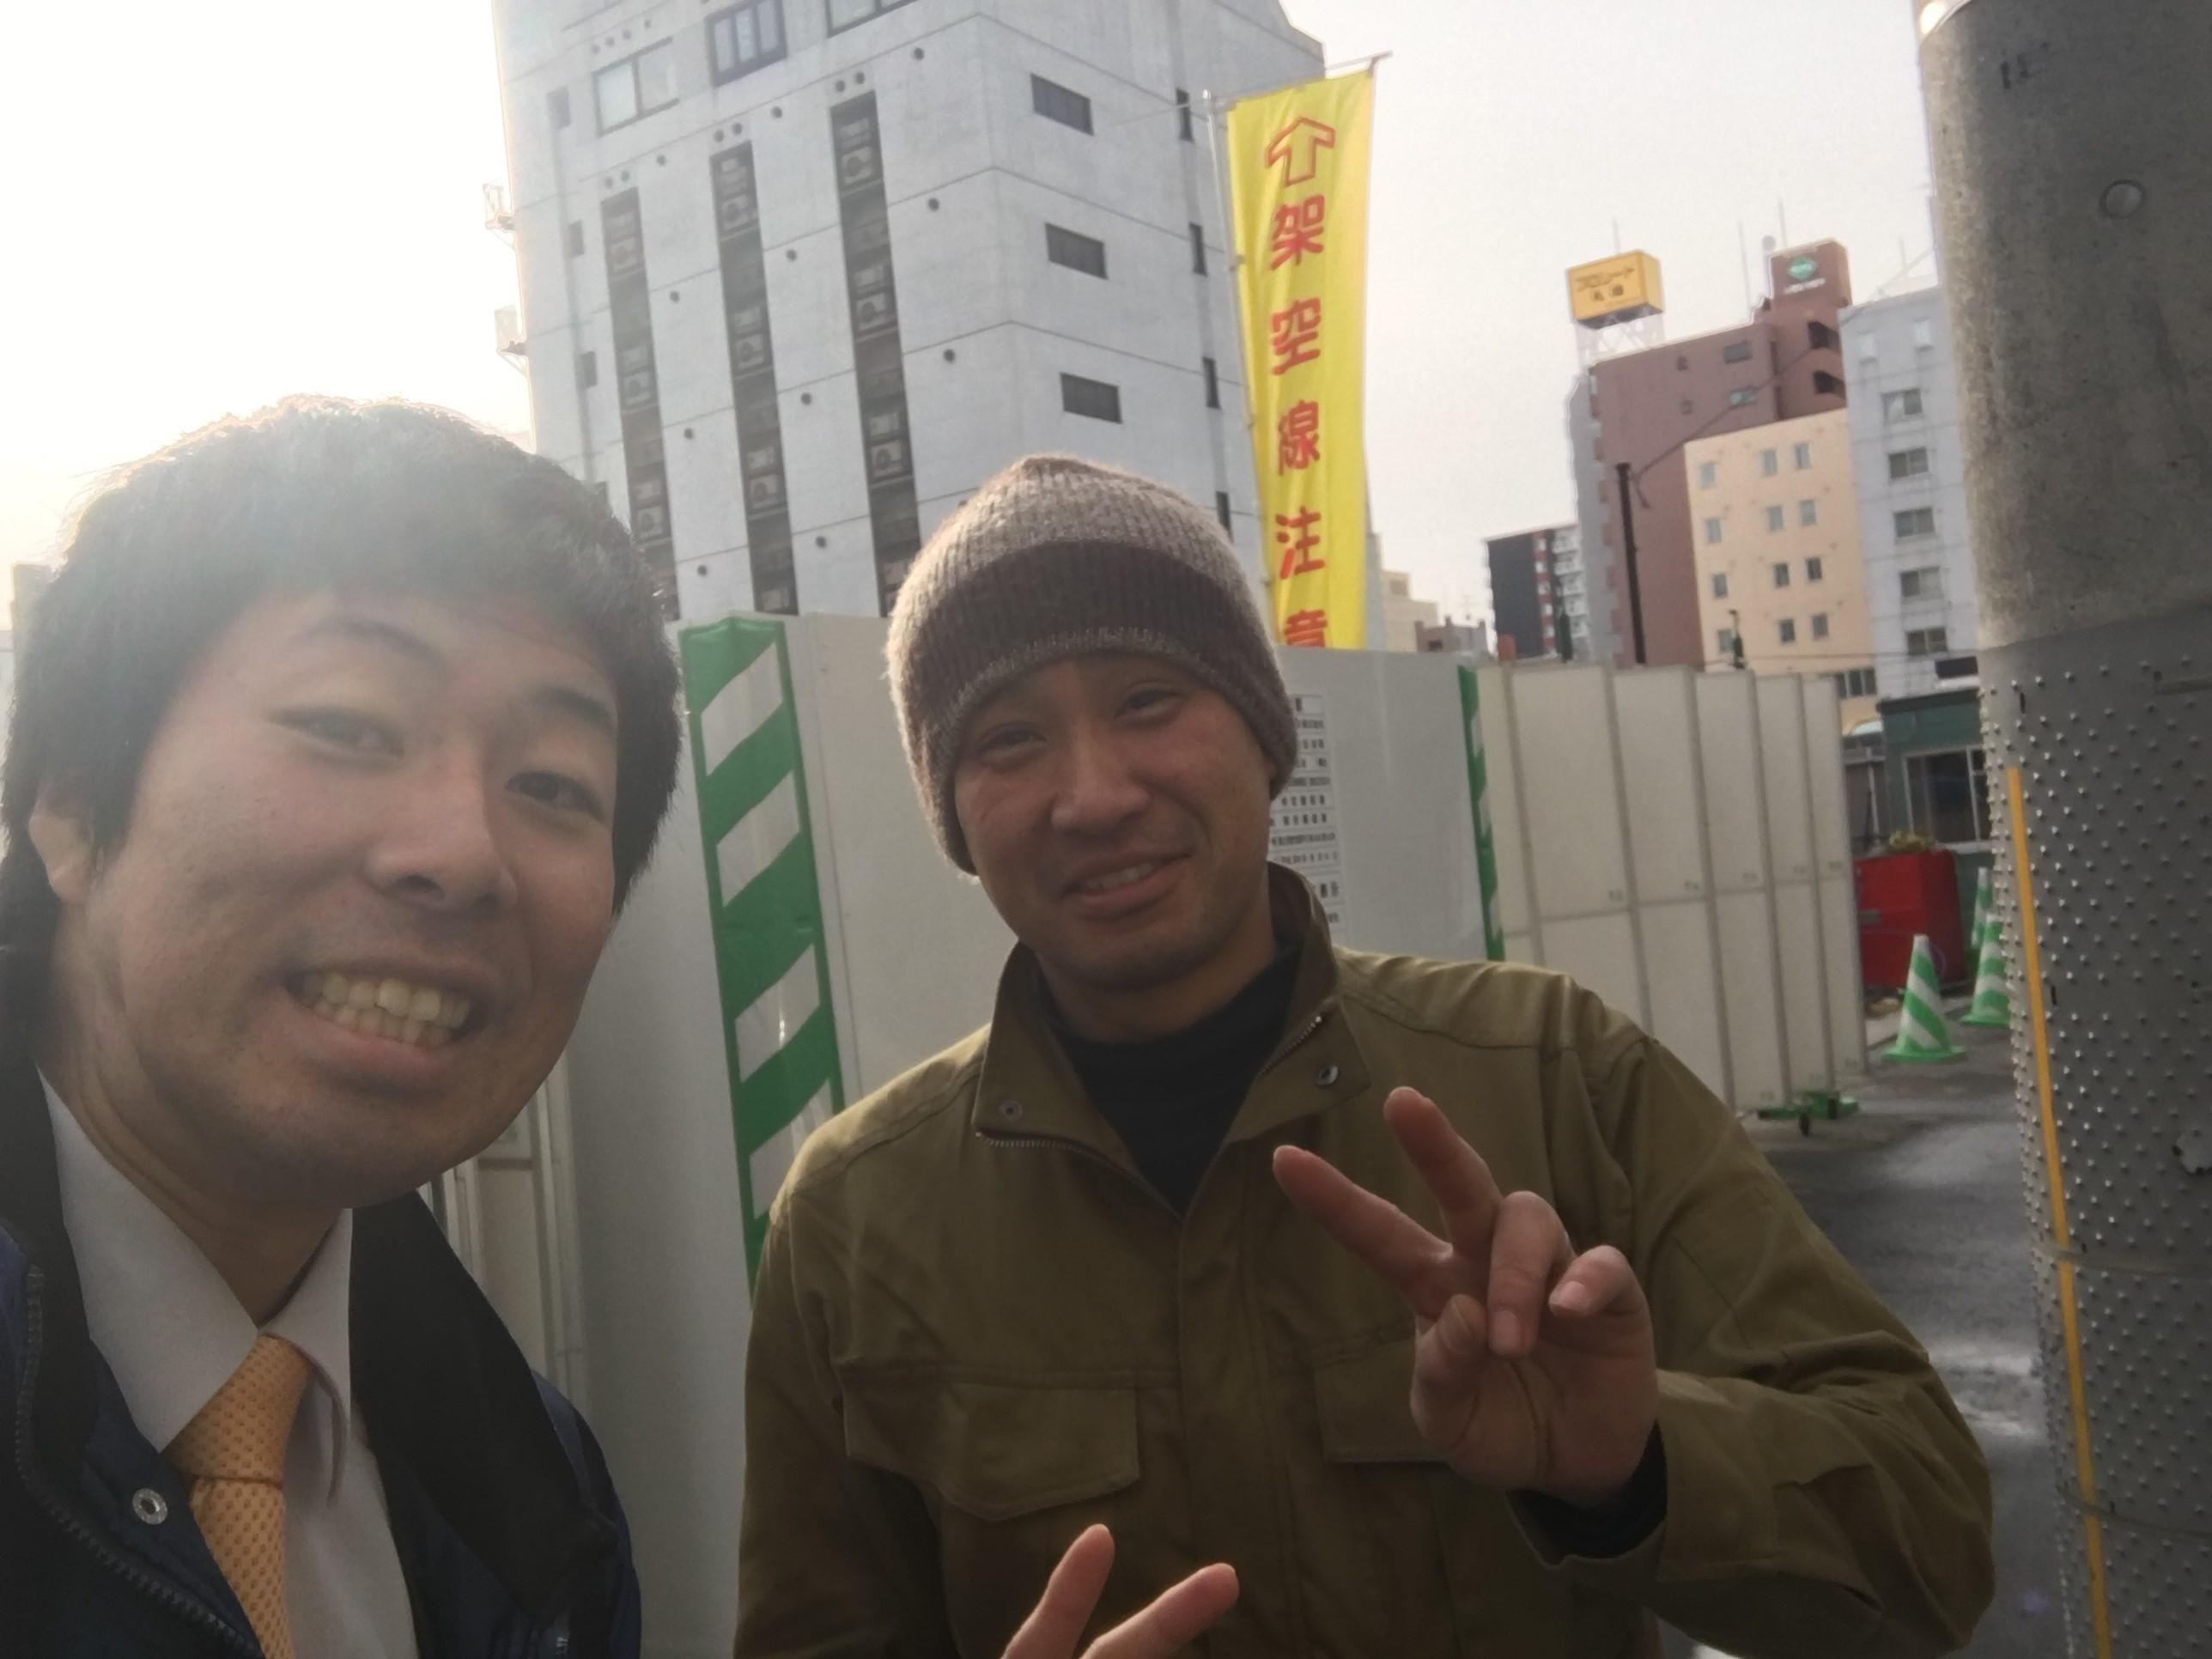 11月30日水曜日のひとログ(。・ω・。) 植東さん卒業!!!今までありがとうございました!_b0127002_1816499.jpg